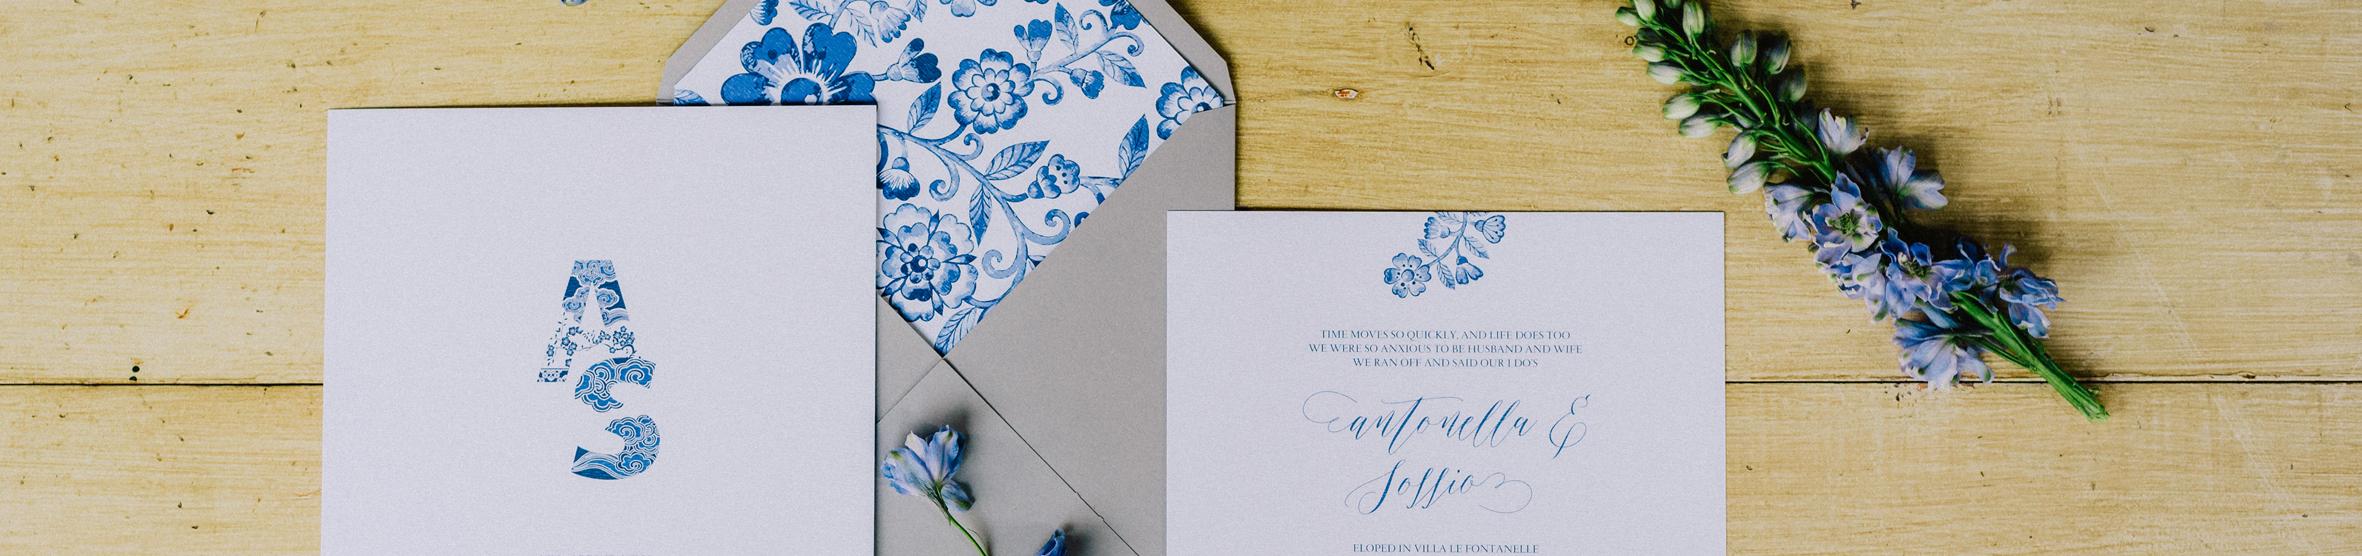 δέες για διακόσμηση γάμου με ιταλική φινέτσα